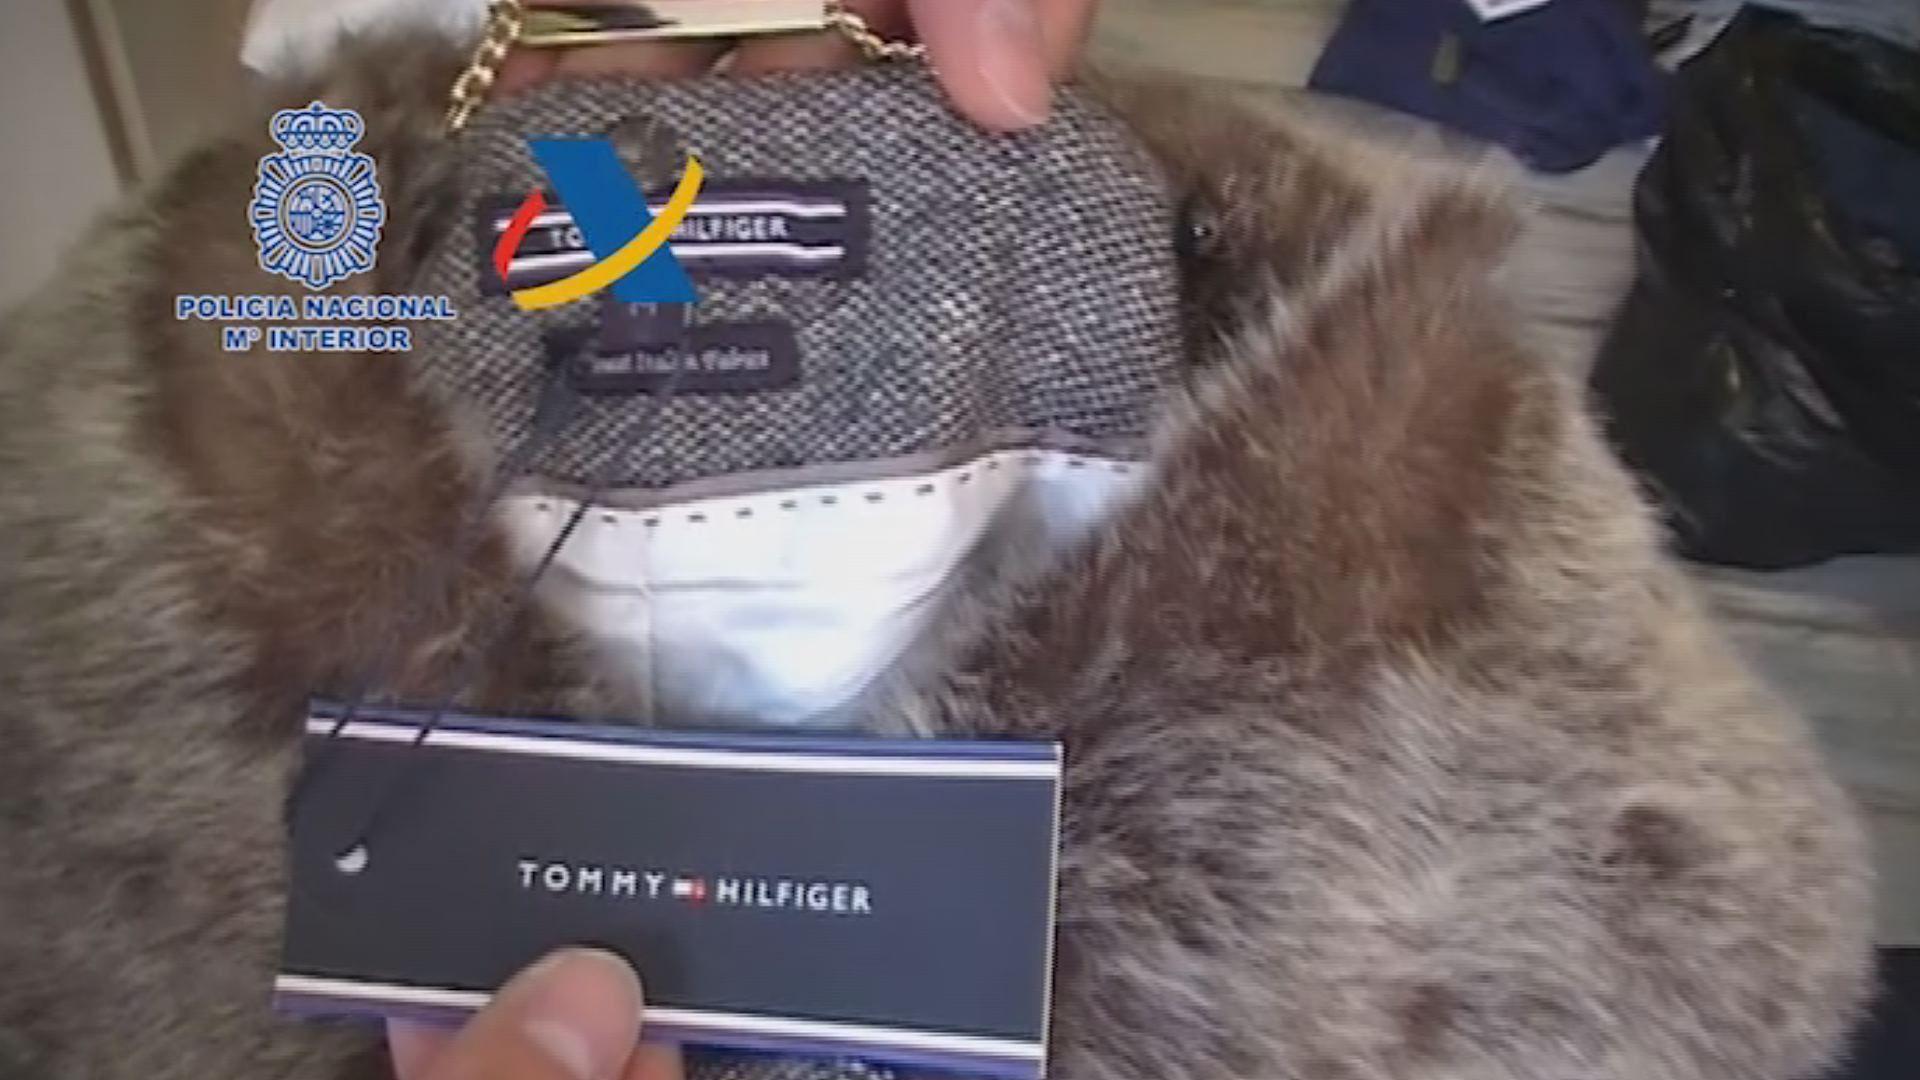 ¿Serías capaz de distinguir si estos productos son falsos?.Alijo de droga apresado en Punta Arnela (Muxía) y descargado en el puerto de A Coruña durante la operación Tabaiba en el 2009.